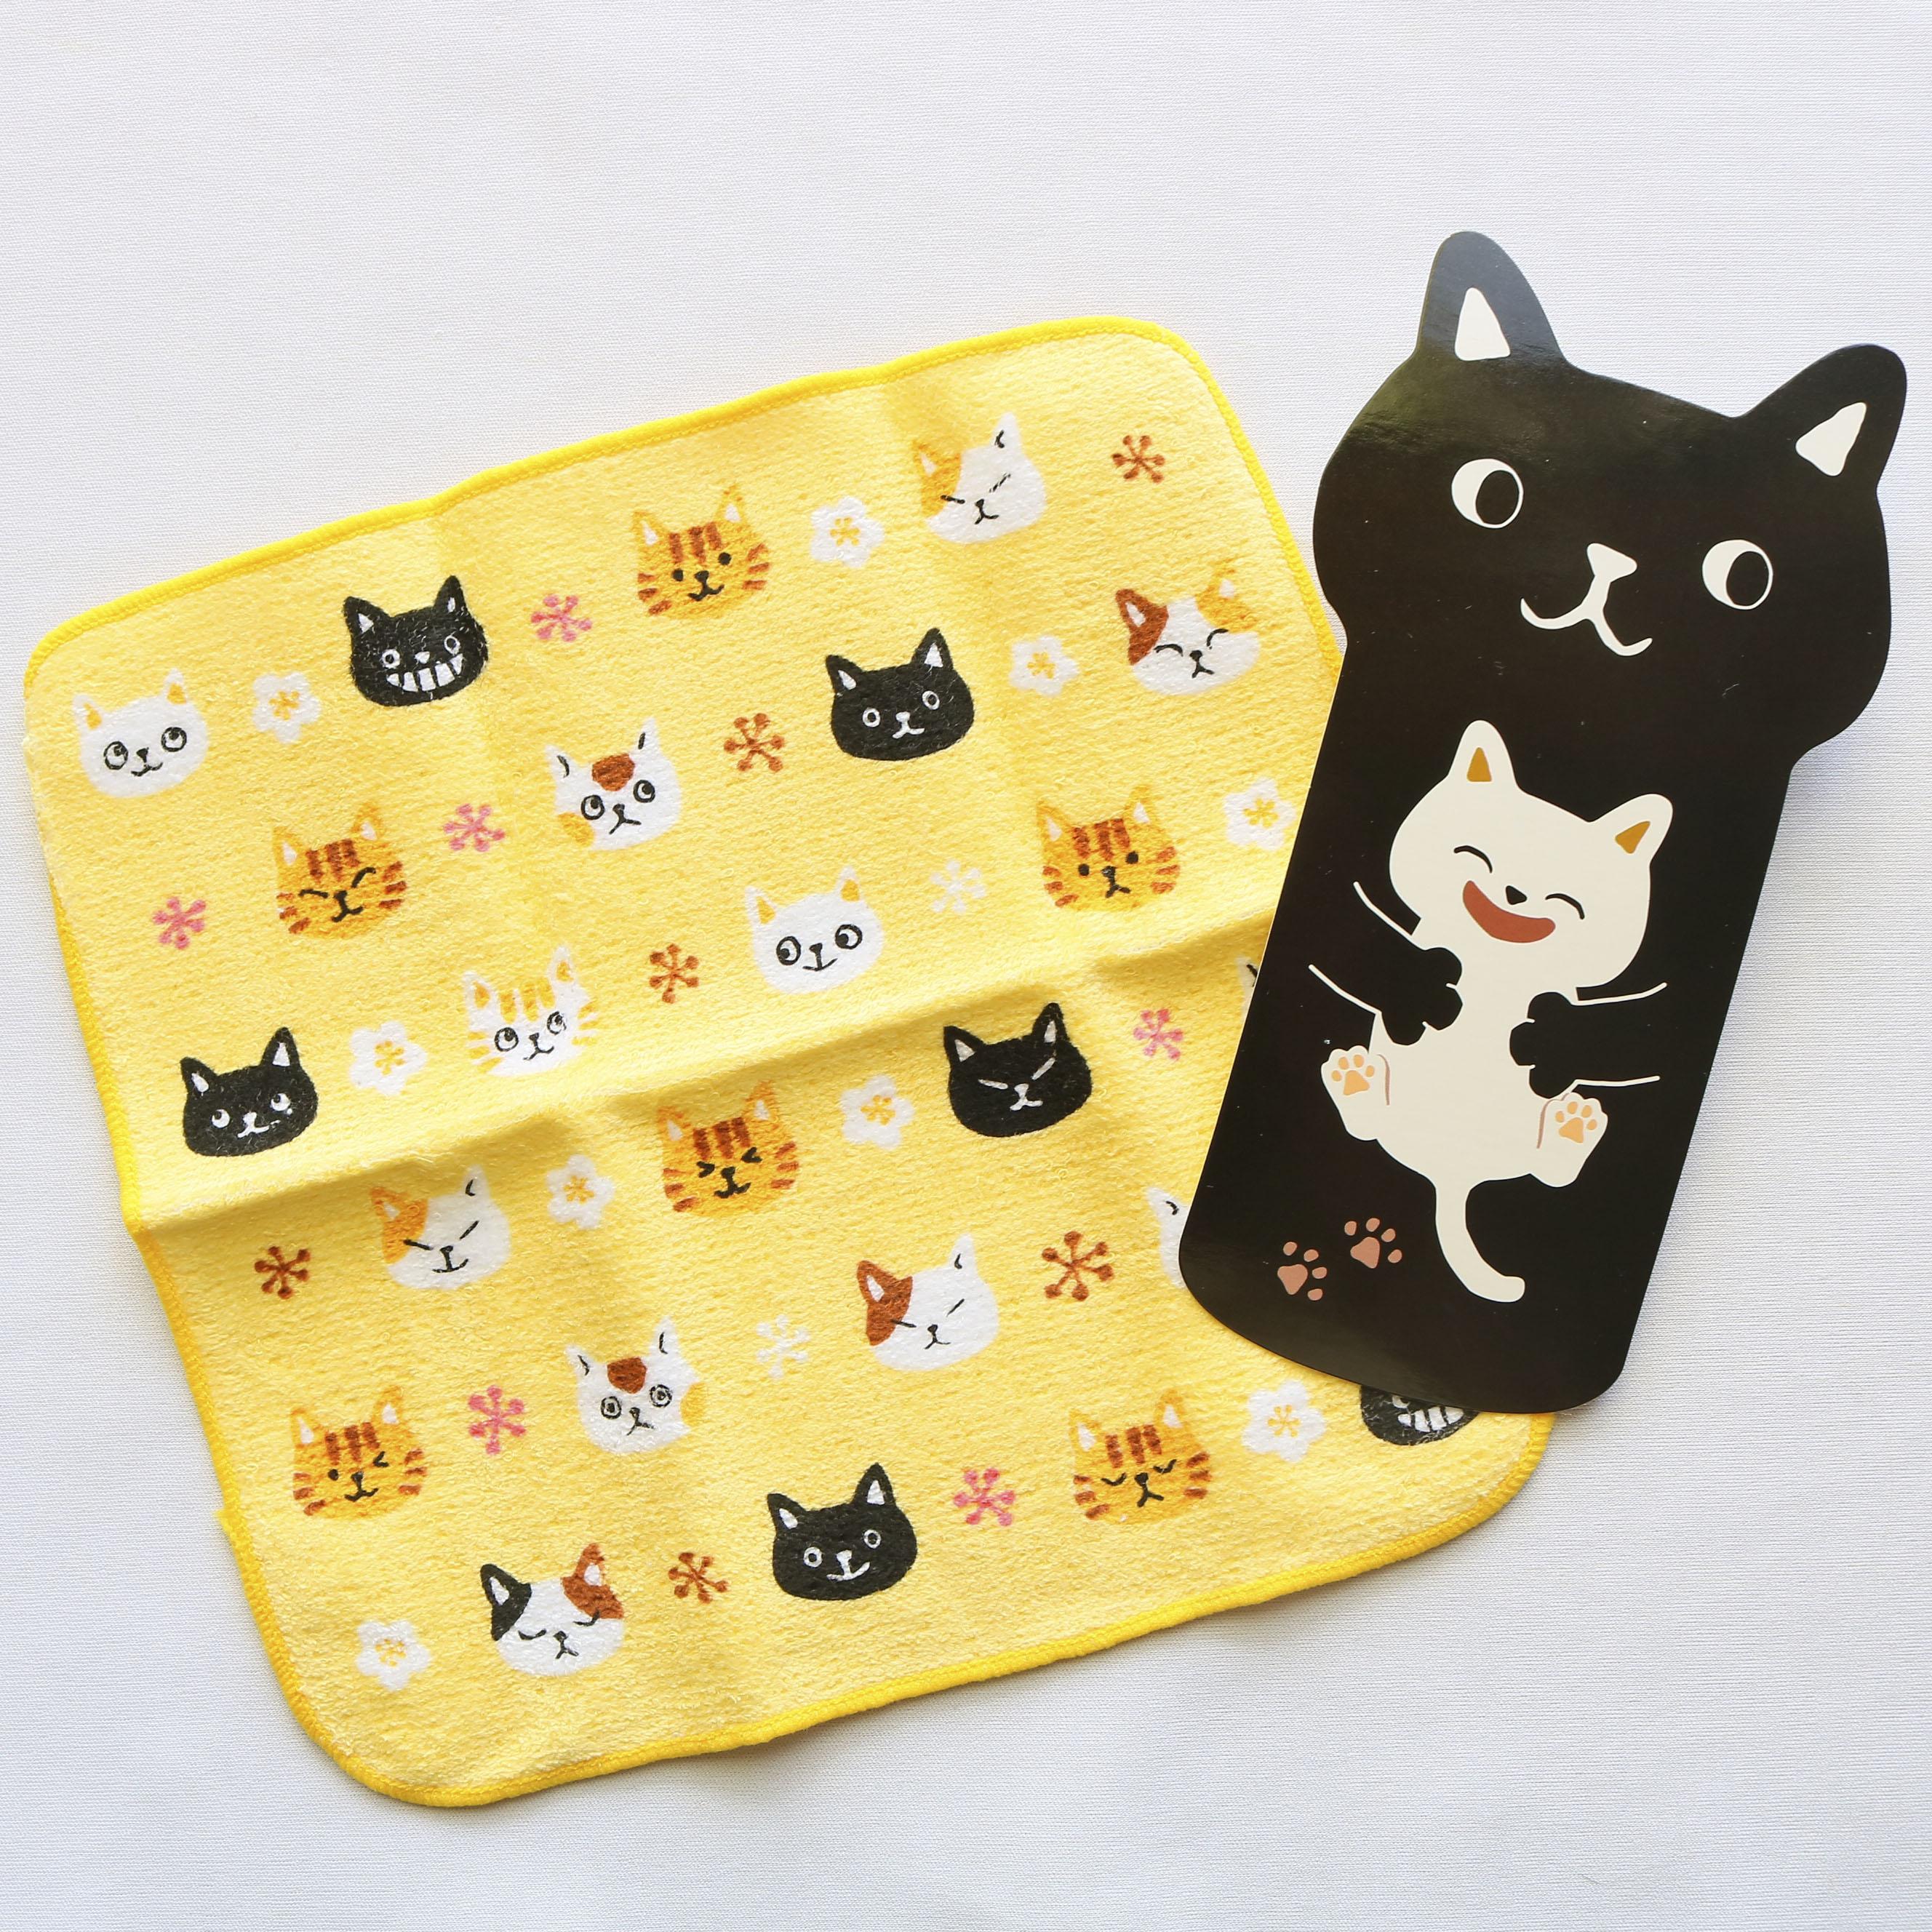 猫雑貨 猫グッズ 秋田 かぎしっぽ タオル ハンカチ